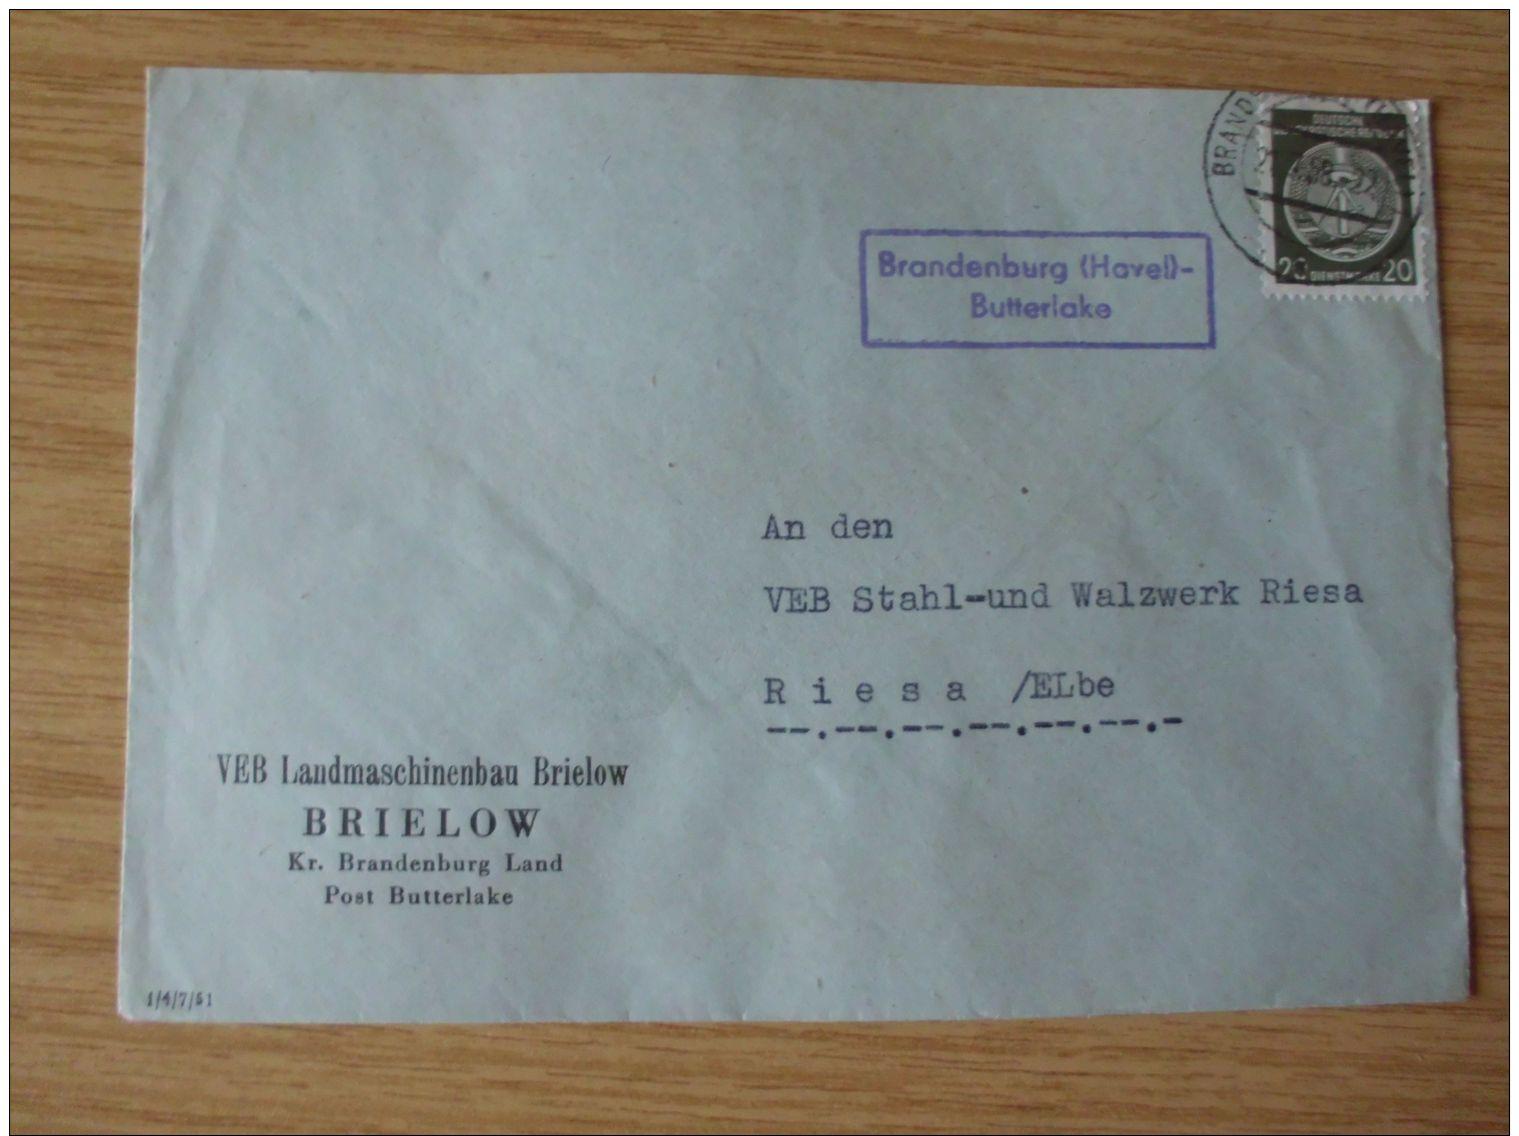 DDR, 1958, DIENSTBELEG Des VEB LANDMASCHINENBAU BRIELOW  Mit LANDPOST-STEMPEL BRANDENBURG (HAVEL)- BUTTERLAKE - [6] Repubblica Democratica